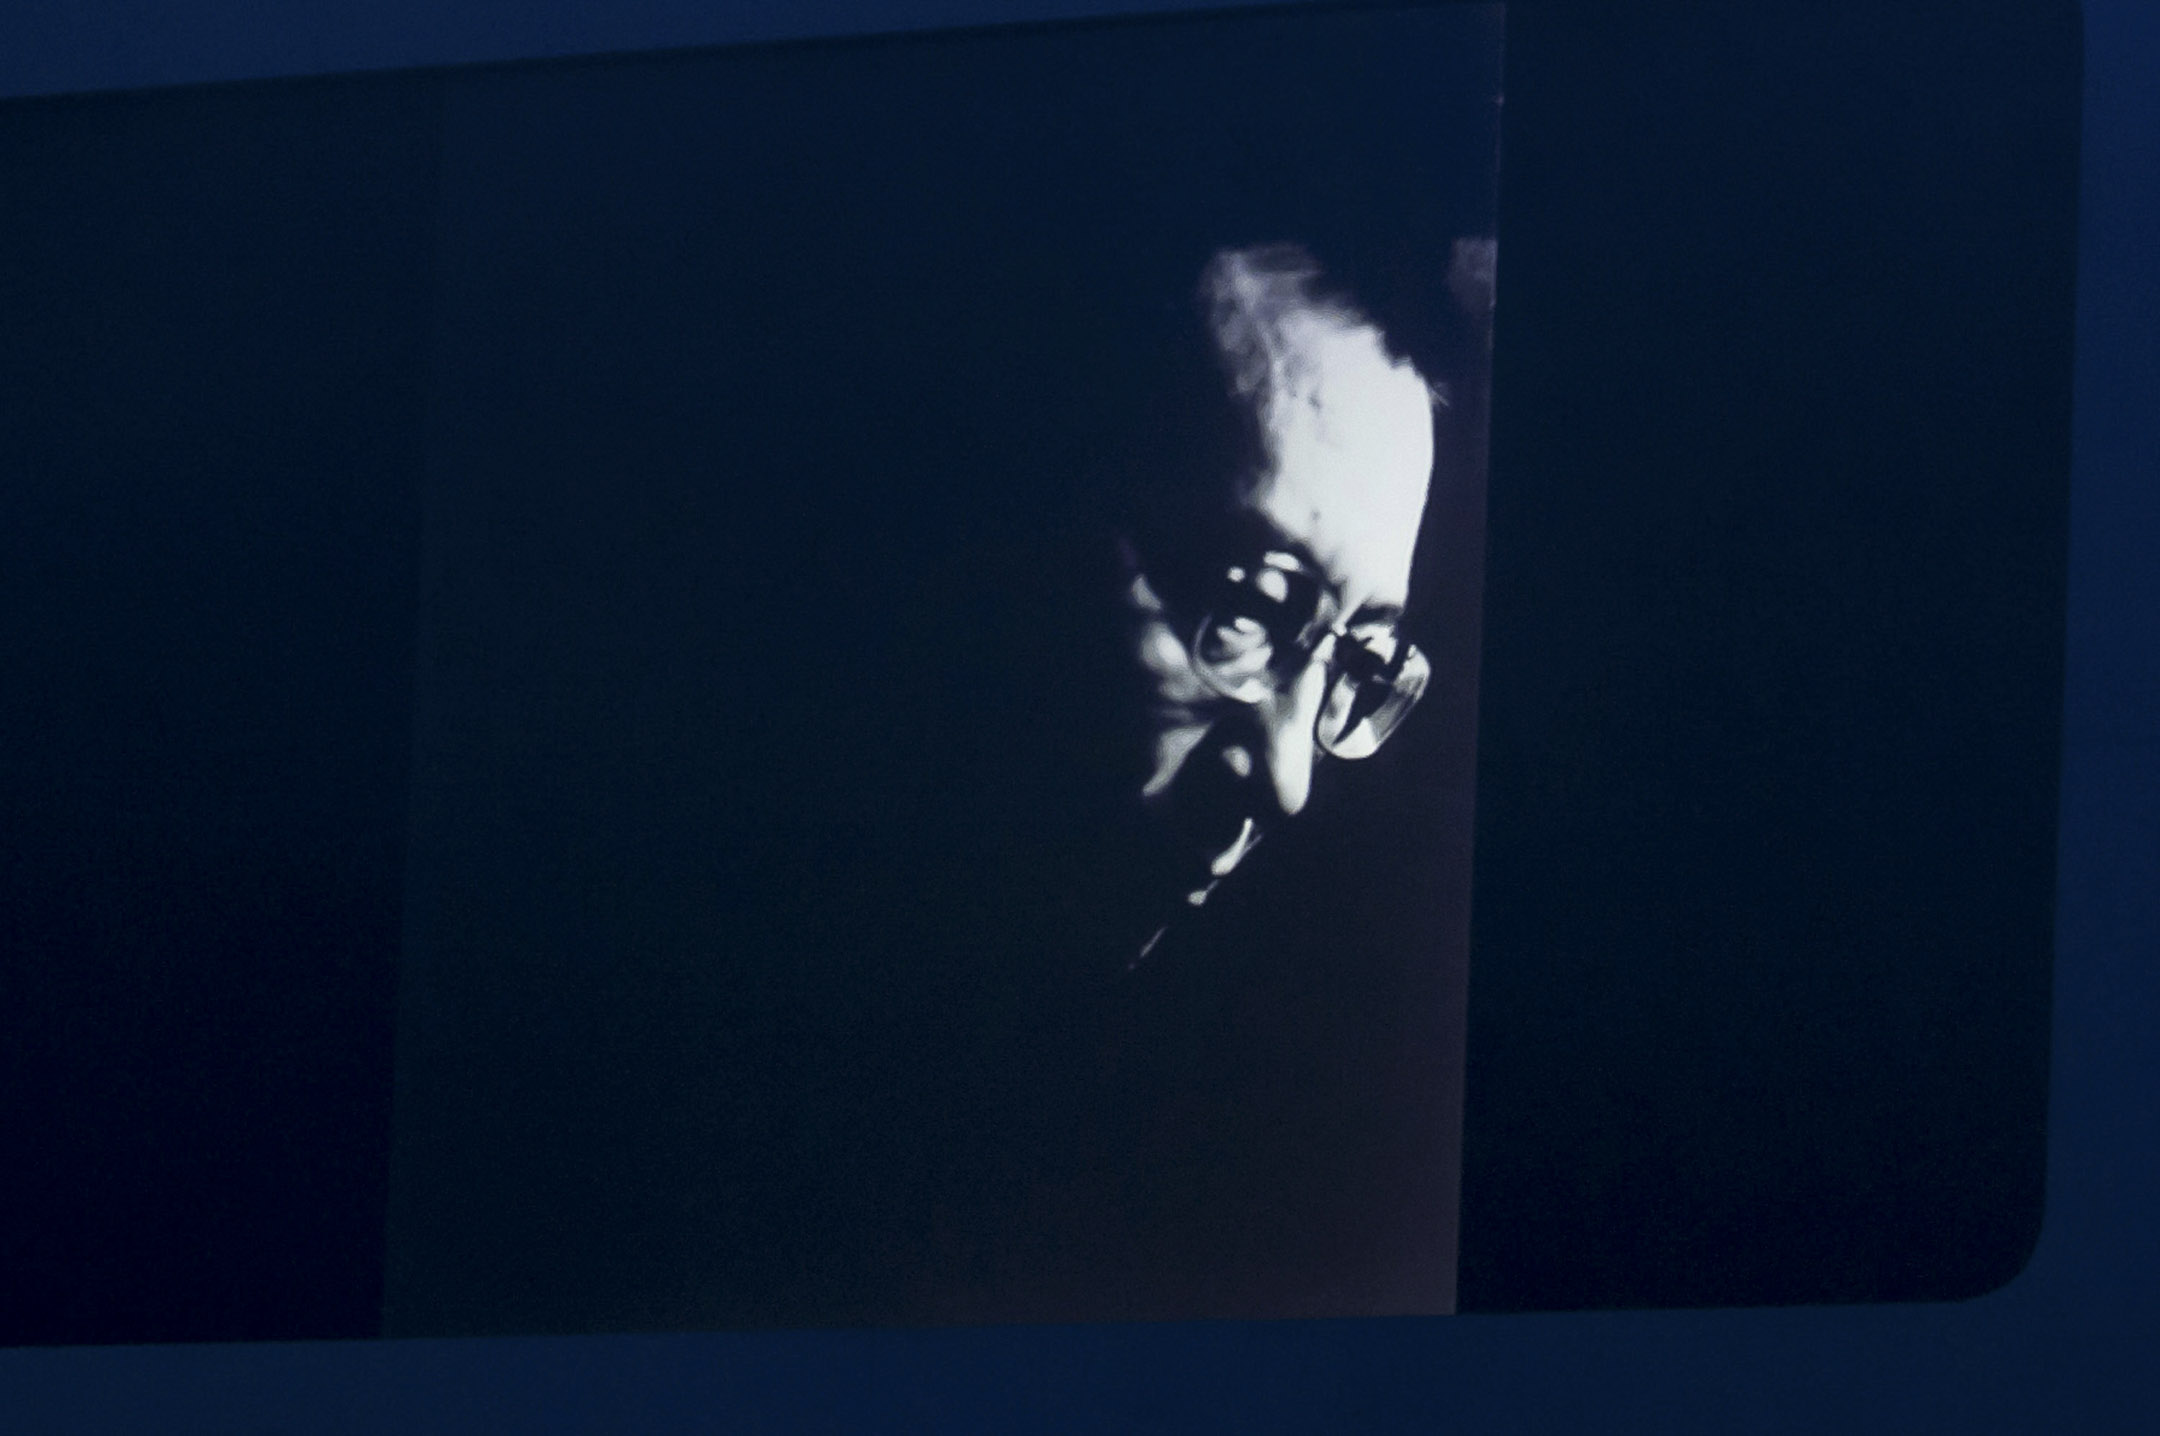 2010年12月11日,在挪威奧斯陸舉行的諾貝爾和平獎音樂會上,劉曉波的肖像被展出。 攝:Nigel Waldron/WireImage